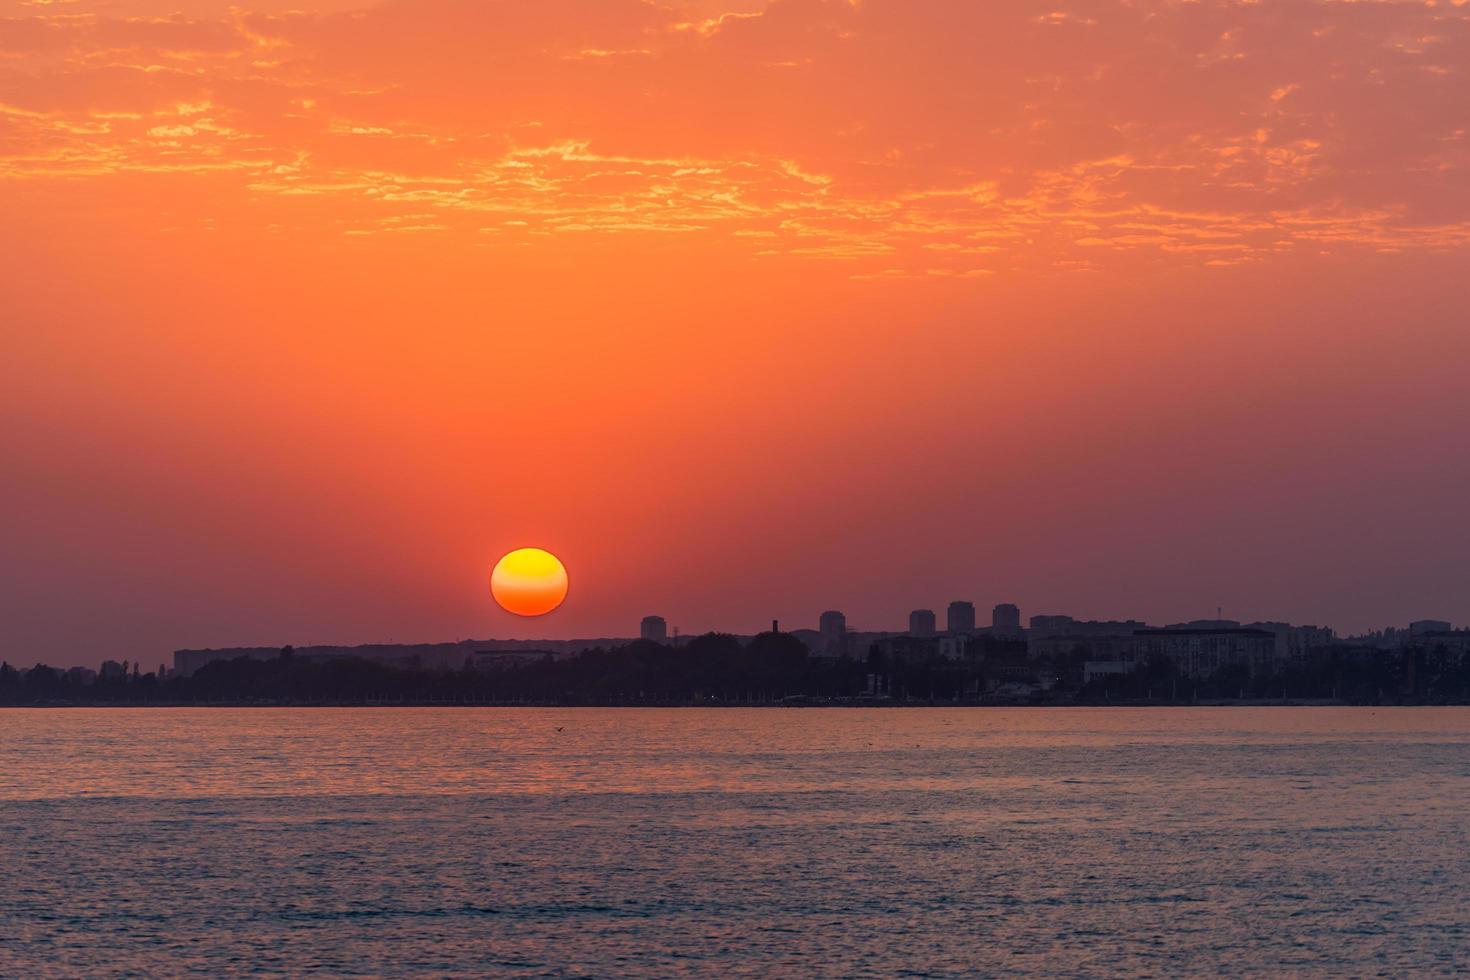 tramonto luminoso su un mare calmo e cielo colorato foto